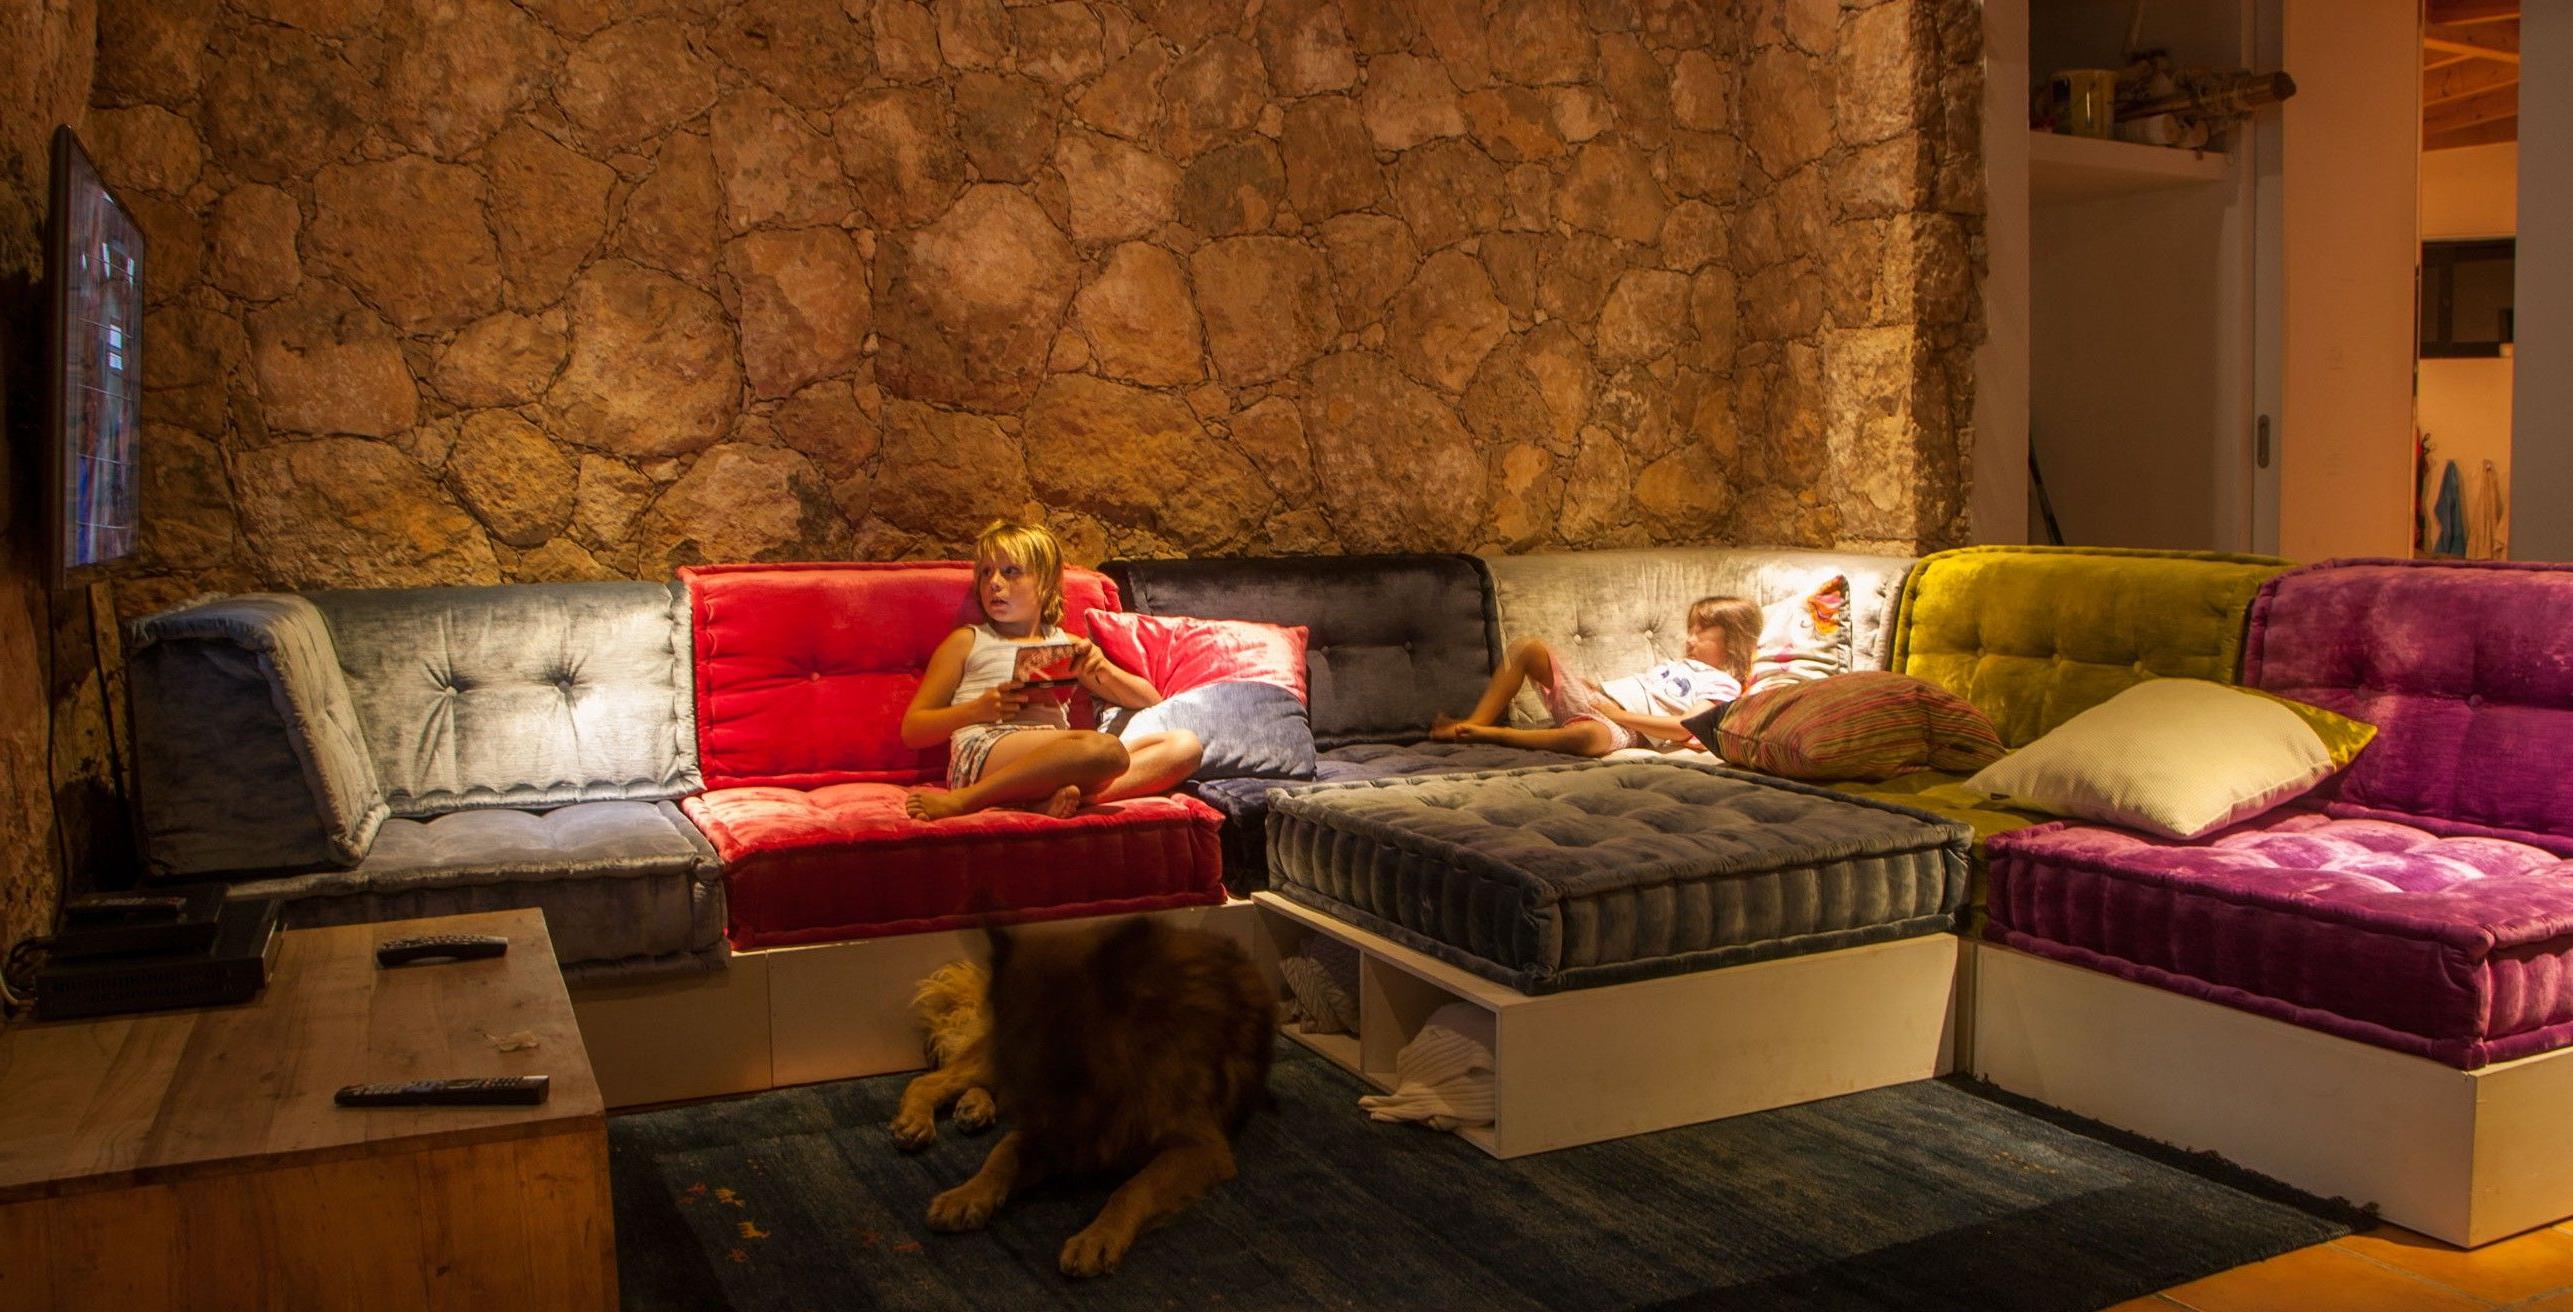 Sofas A Medida Madrid Budm Home En Look Cushion sofas to Measure